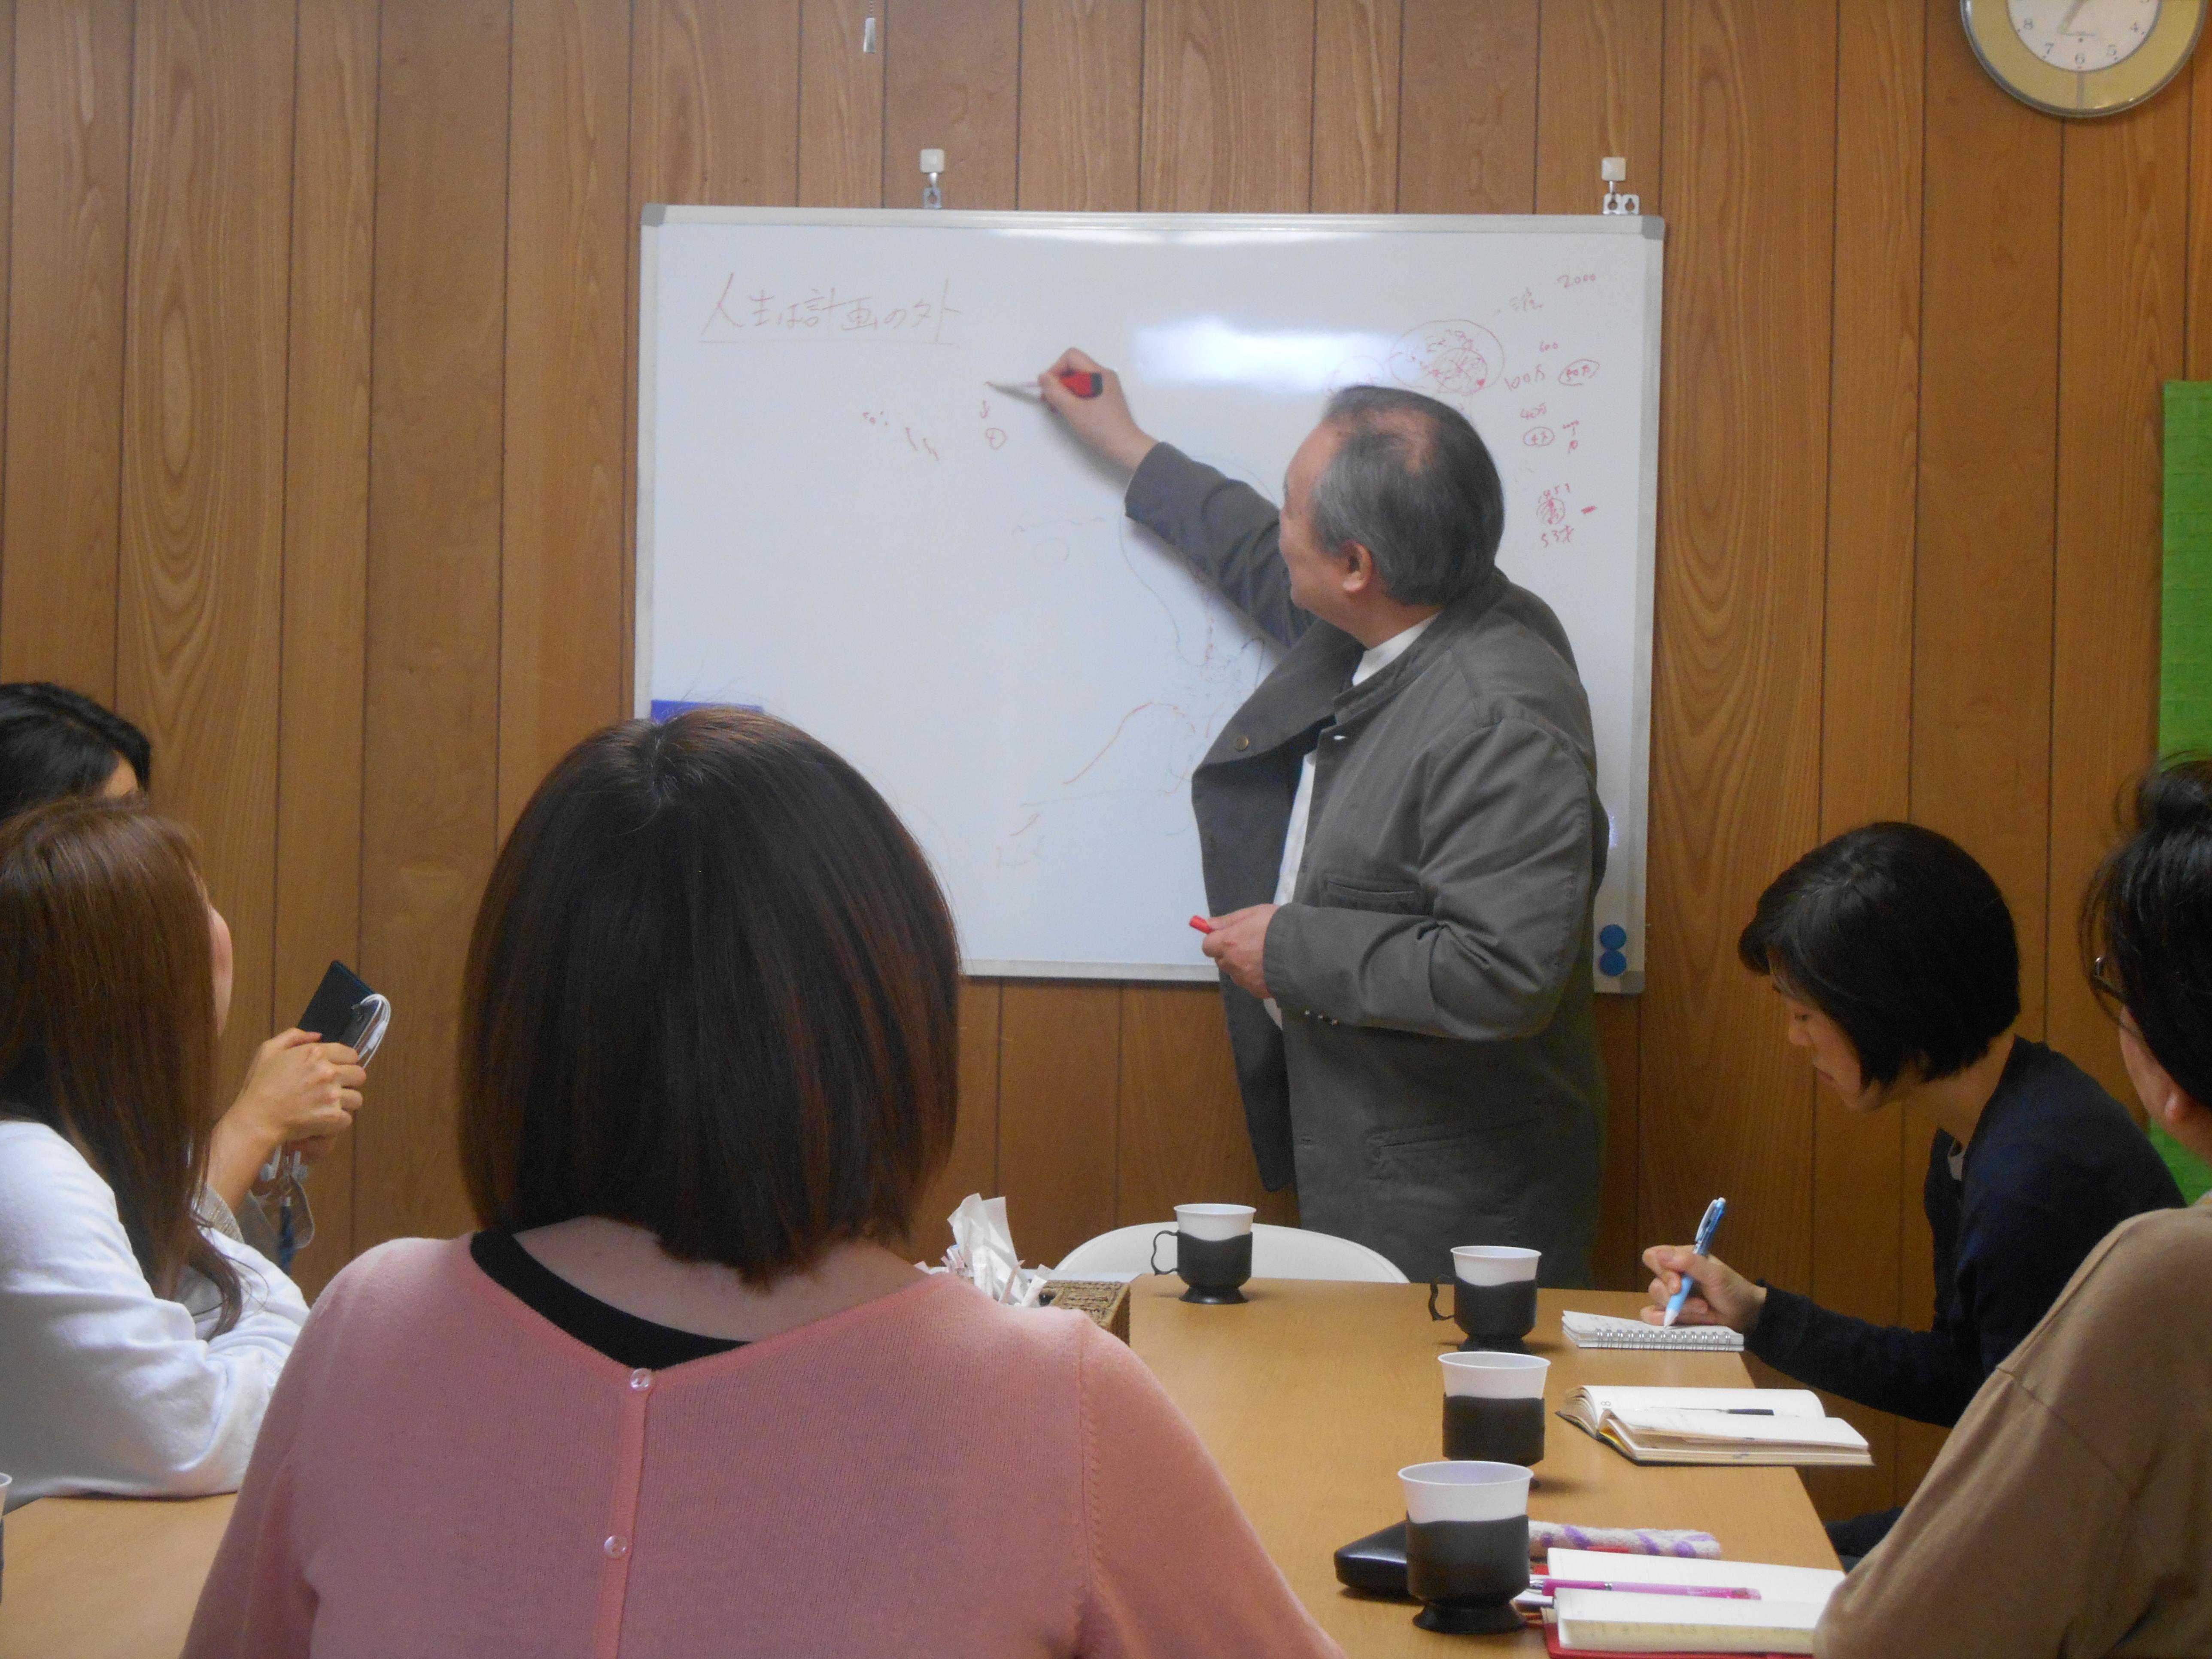 DSCN1174 1 - 愛の子育て塾14期第4講座